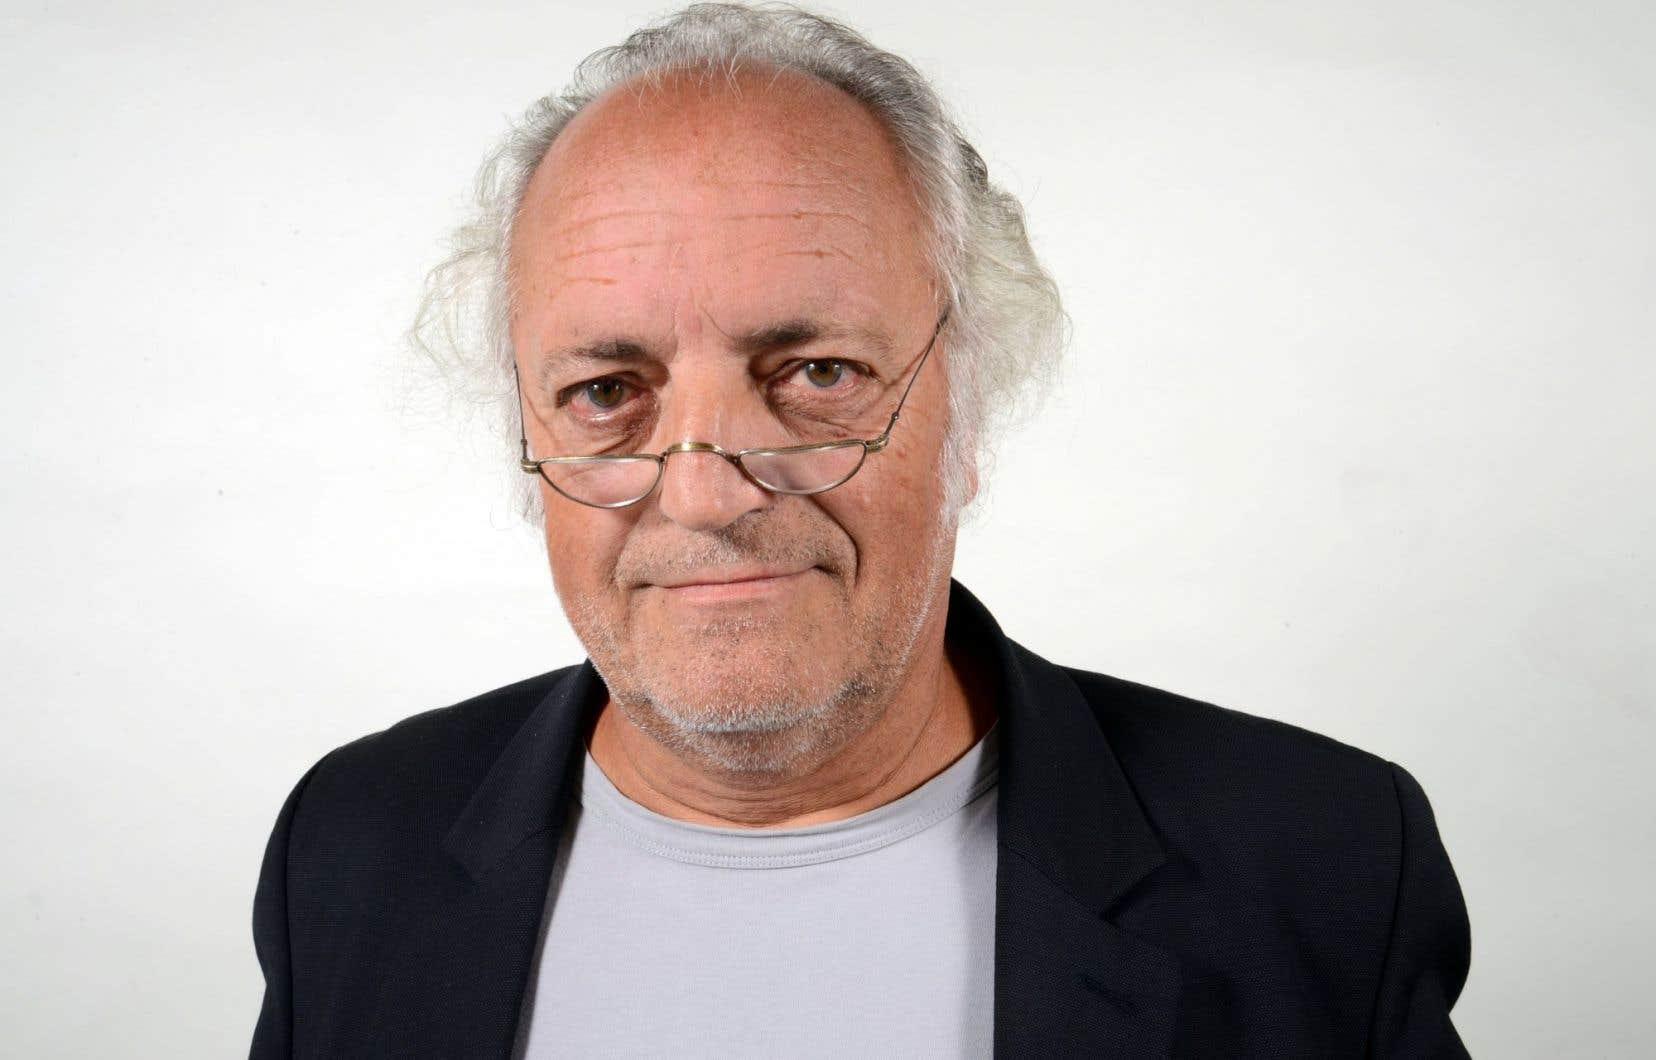 La France semble avoir envie de capituler devant ce que le poète et essayiste Alain Borer appelle l'«anglobal», c'est-à-dire «l'anglo-américain qui se mondialise».